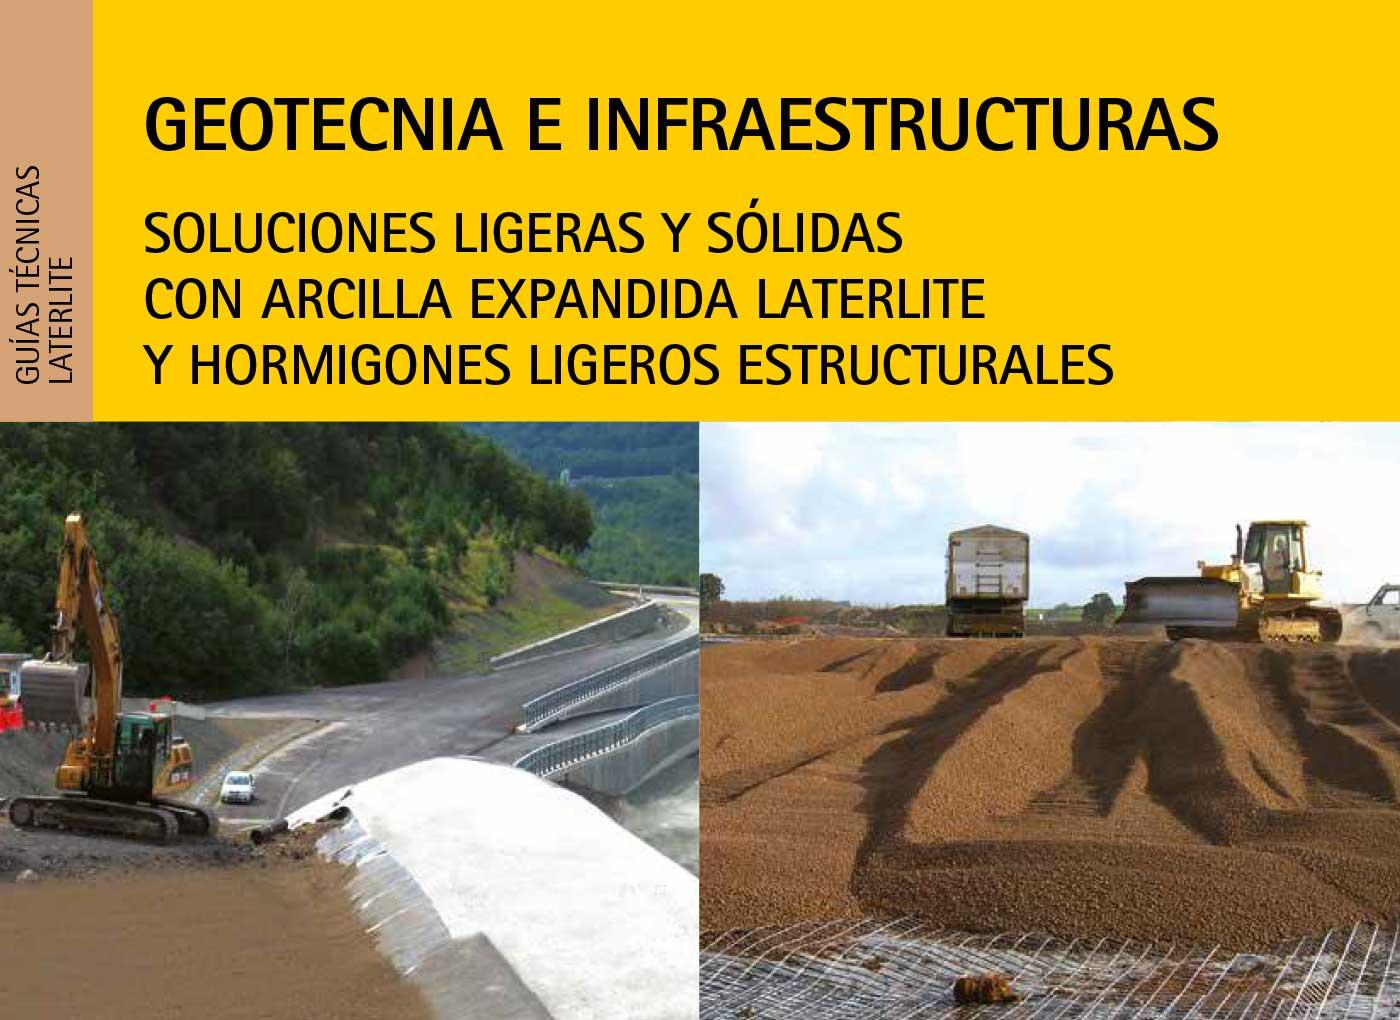 geotecnia-e-infraestructuras-es